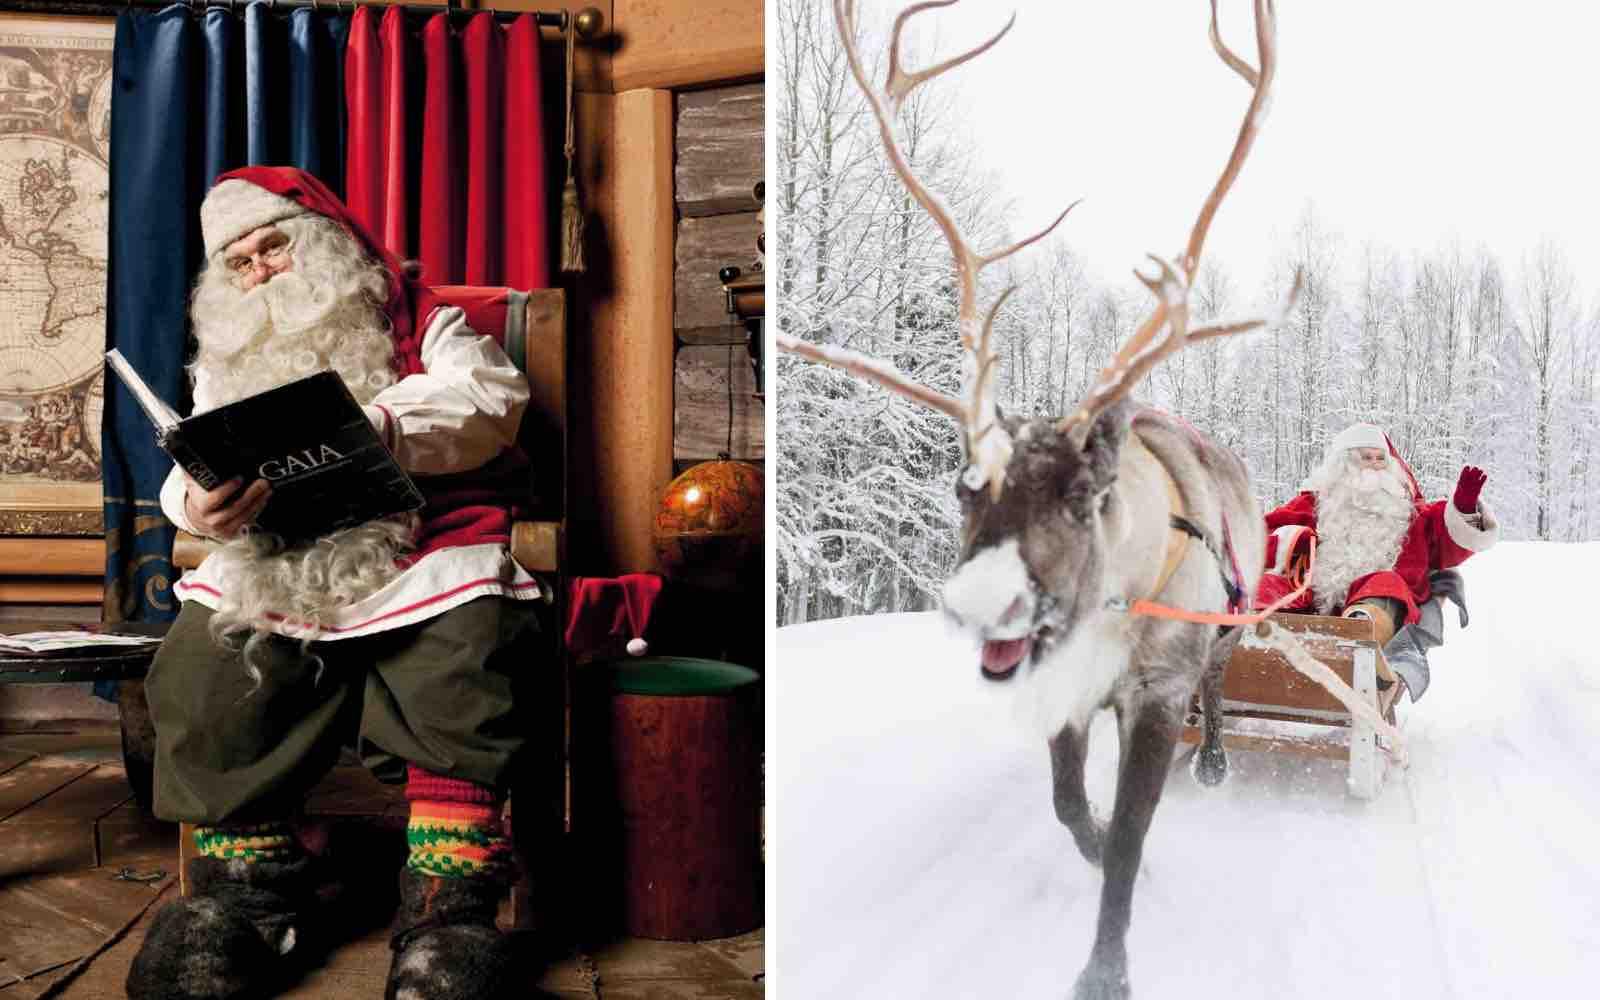 Kom i julestemning – rundt omkring i verden